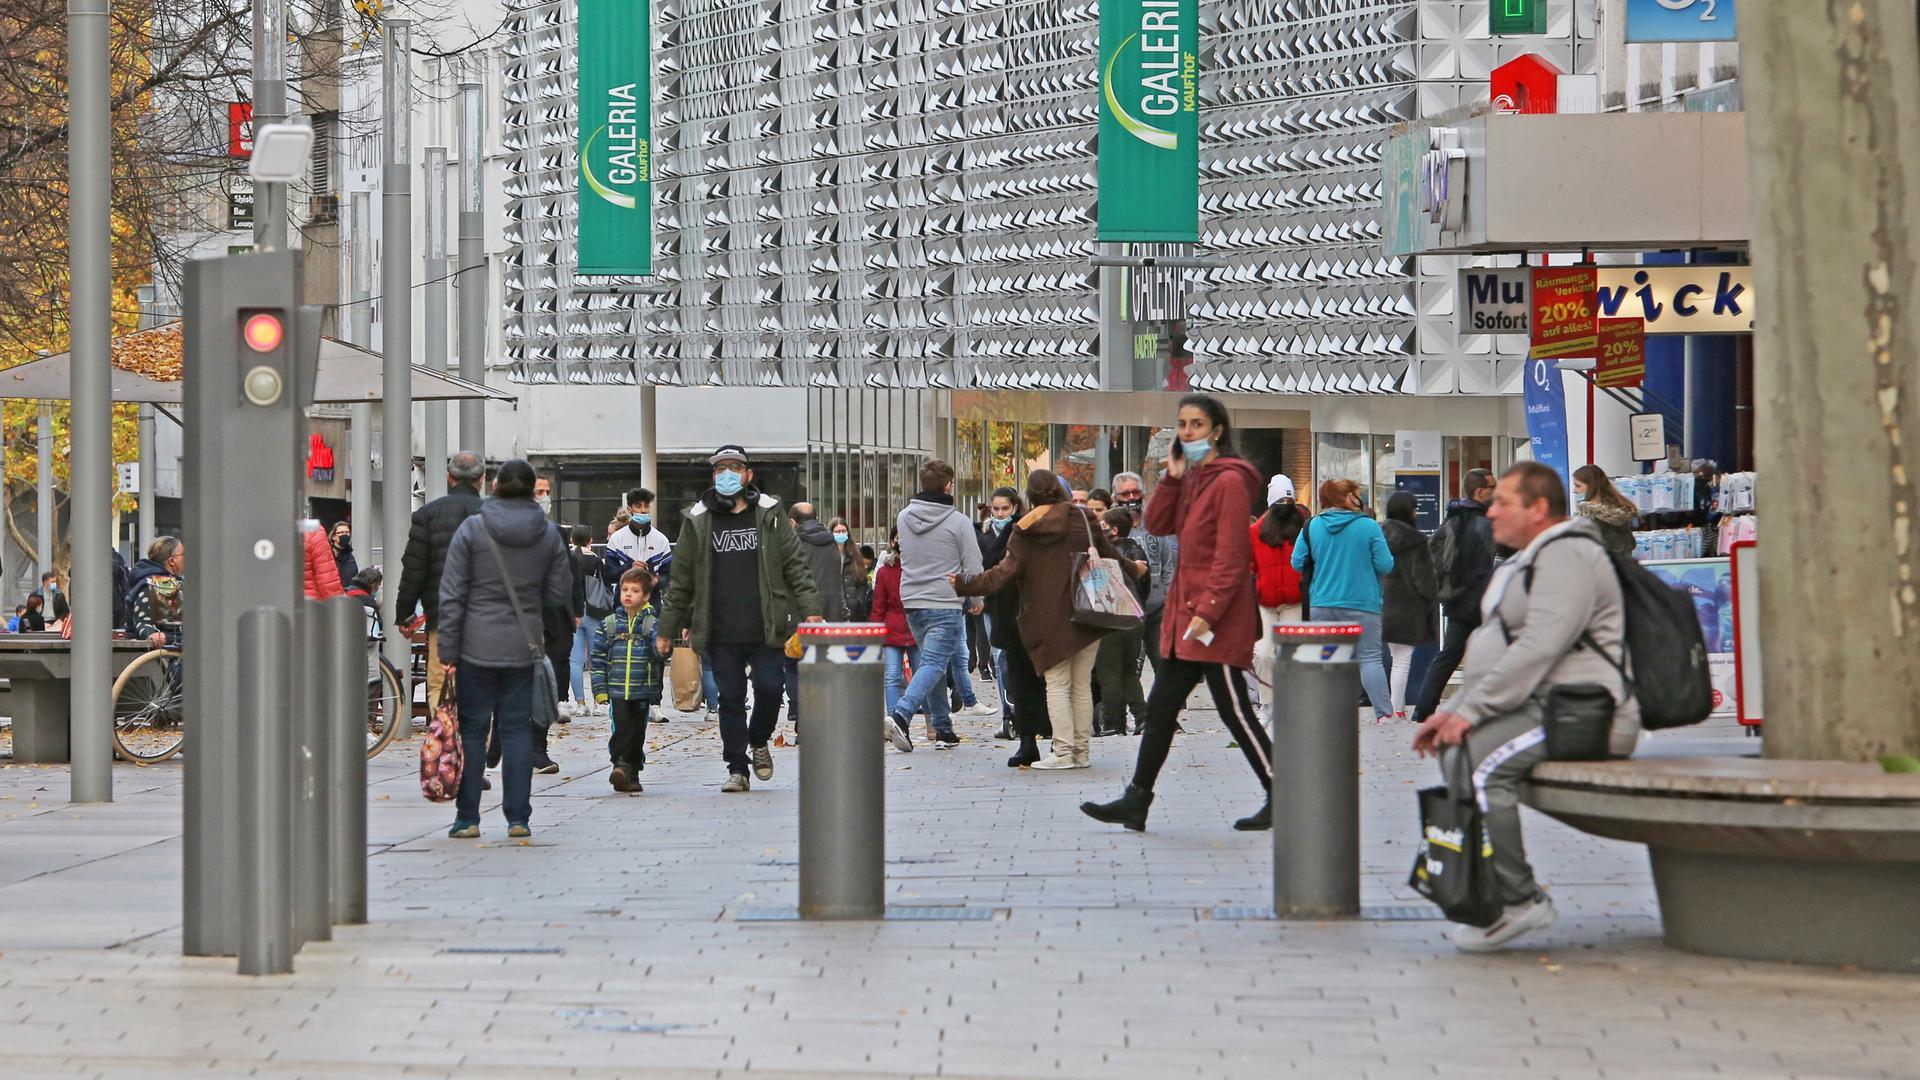 """Panorama der Fußgängerzone in Pforzheim vom """"Dicken"""" aus. Zahlreiche Menschen sind mit Maske unterwegs, nicht alle tragen sie richtig."""